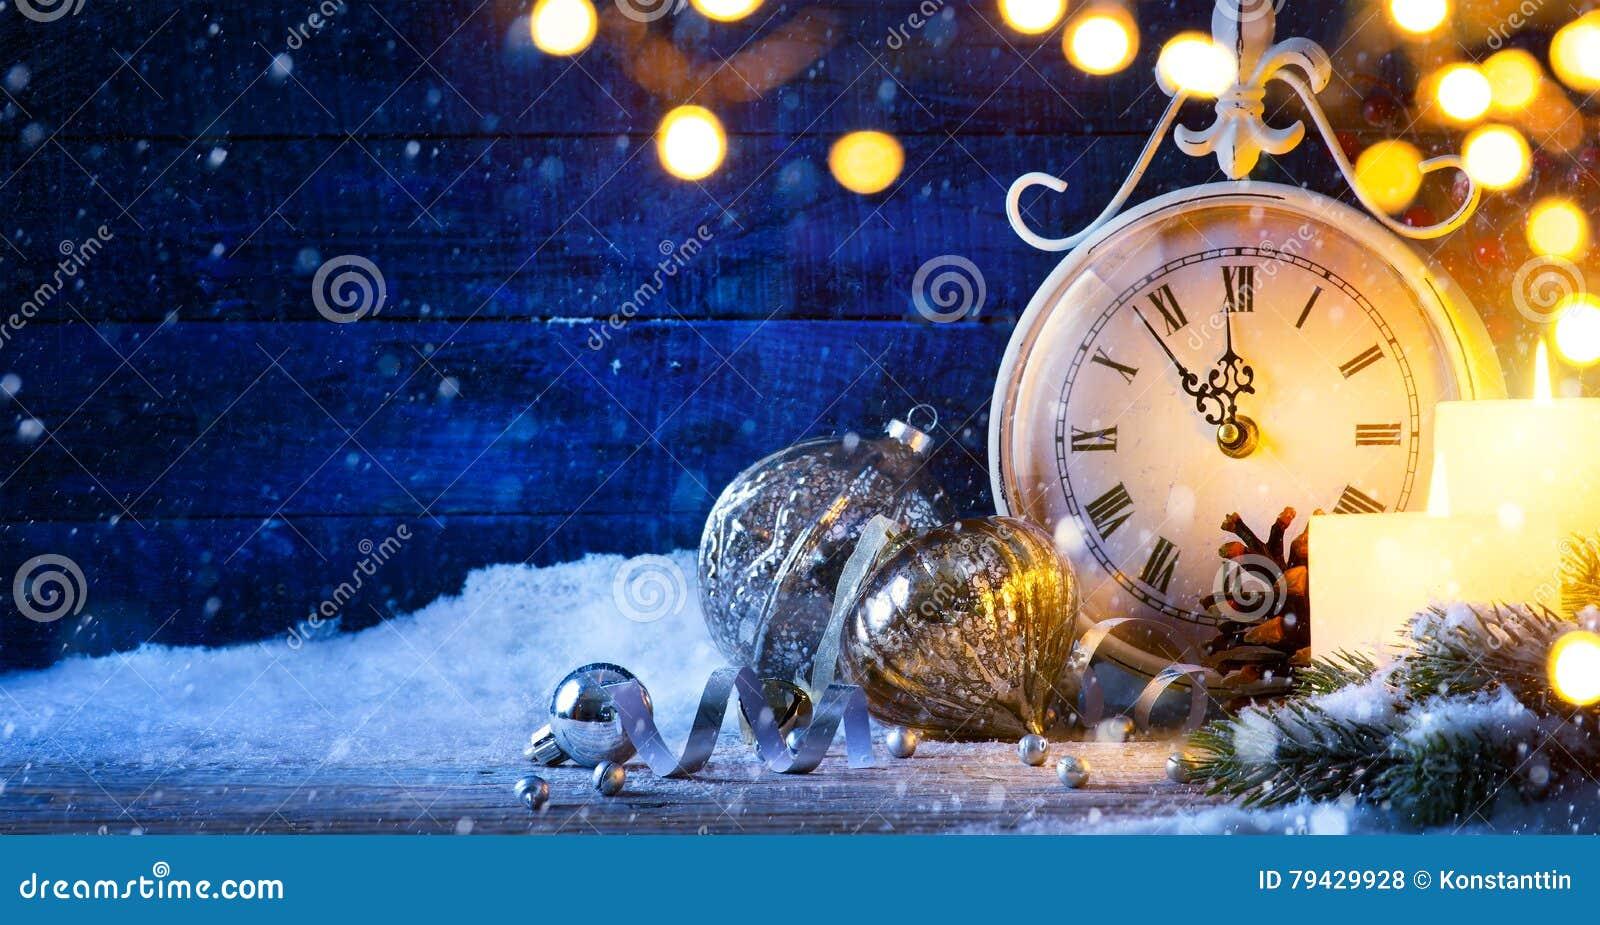 Art Christmas ou nouvelles années de veille ; fond de vacances